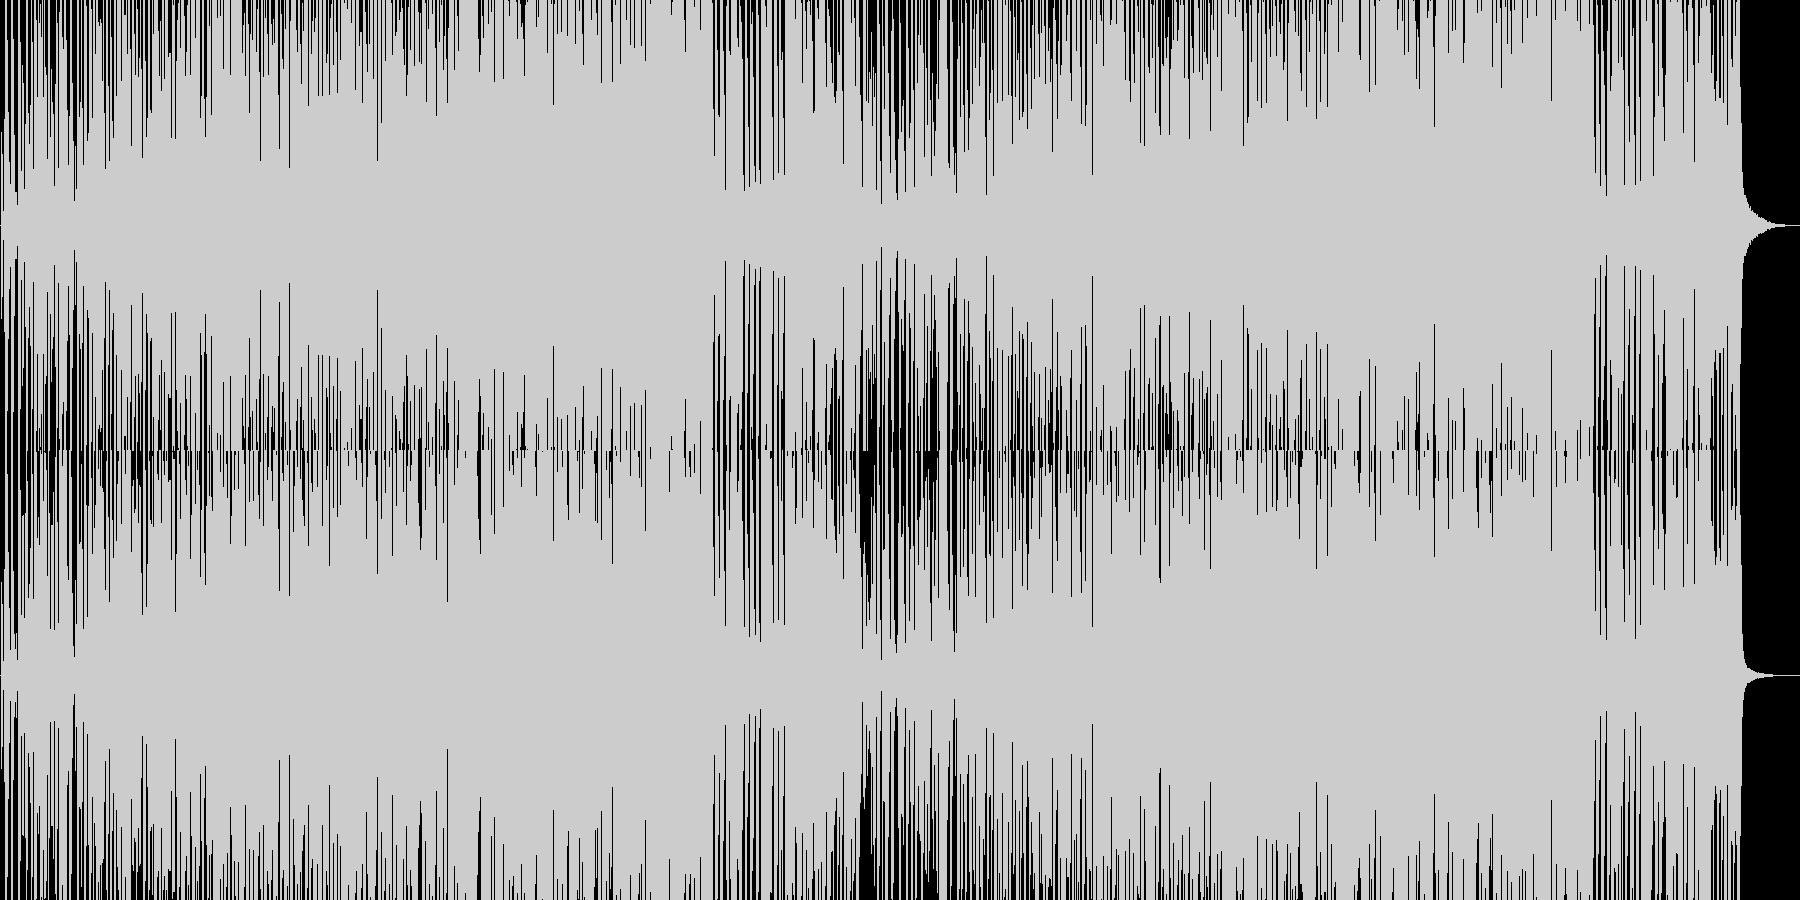 クールで軽快な、躍動感のあるジャズ風曲の未再生の波形